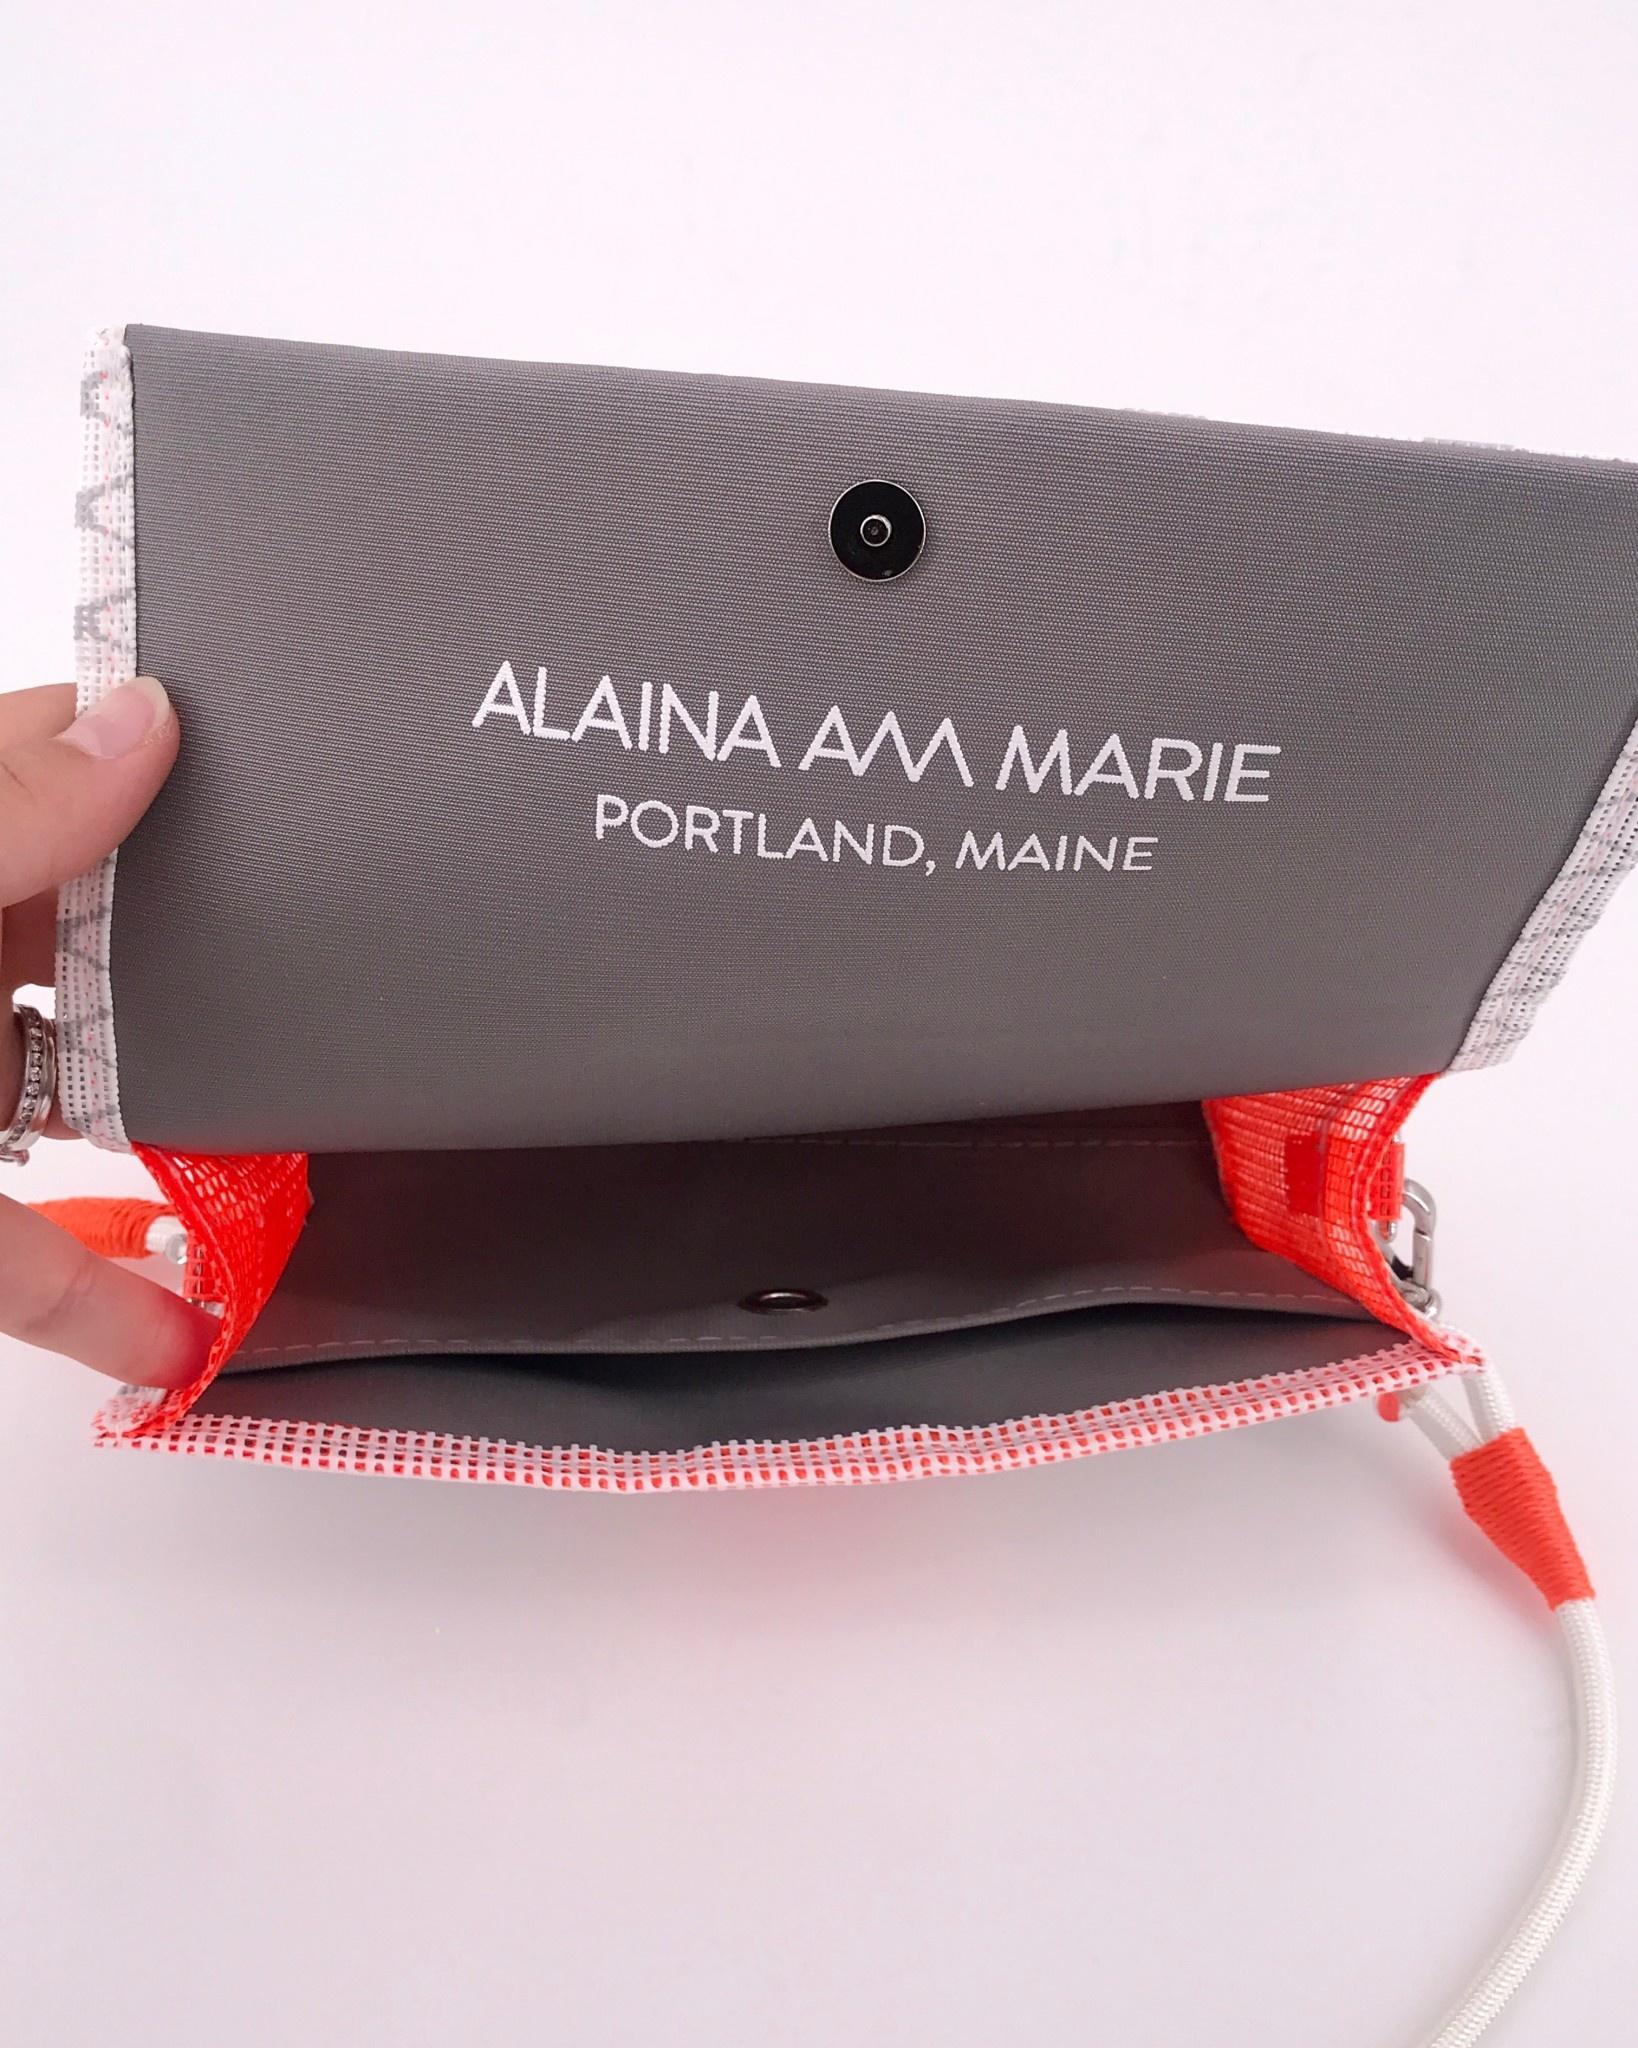 Alaina Marie ® Harbor Mist & Coral Crossbody